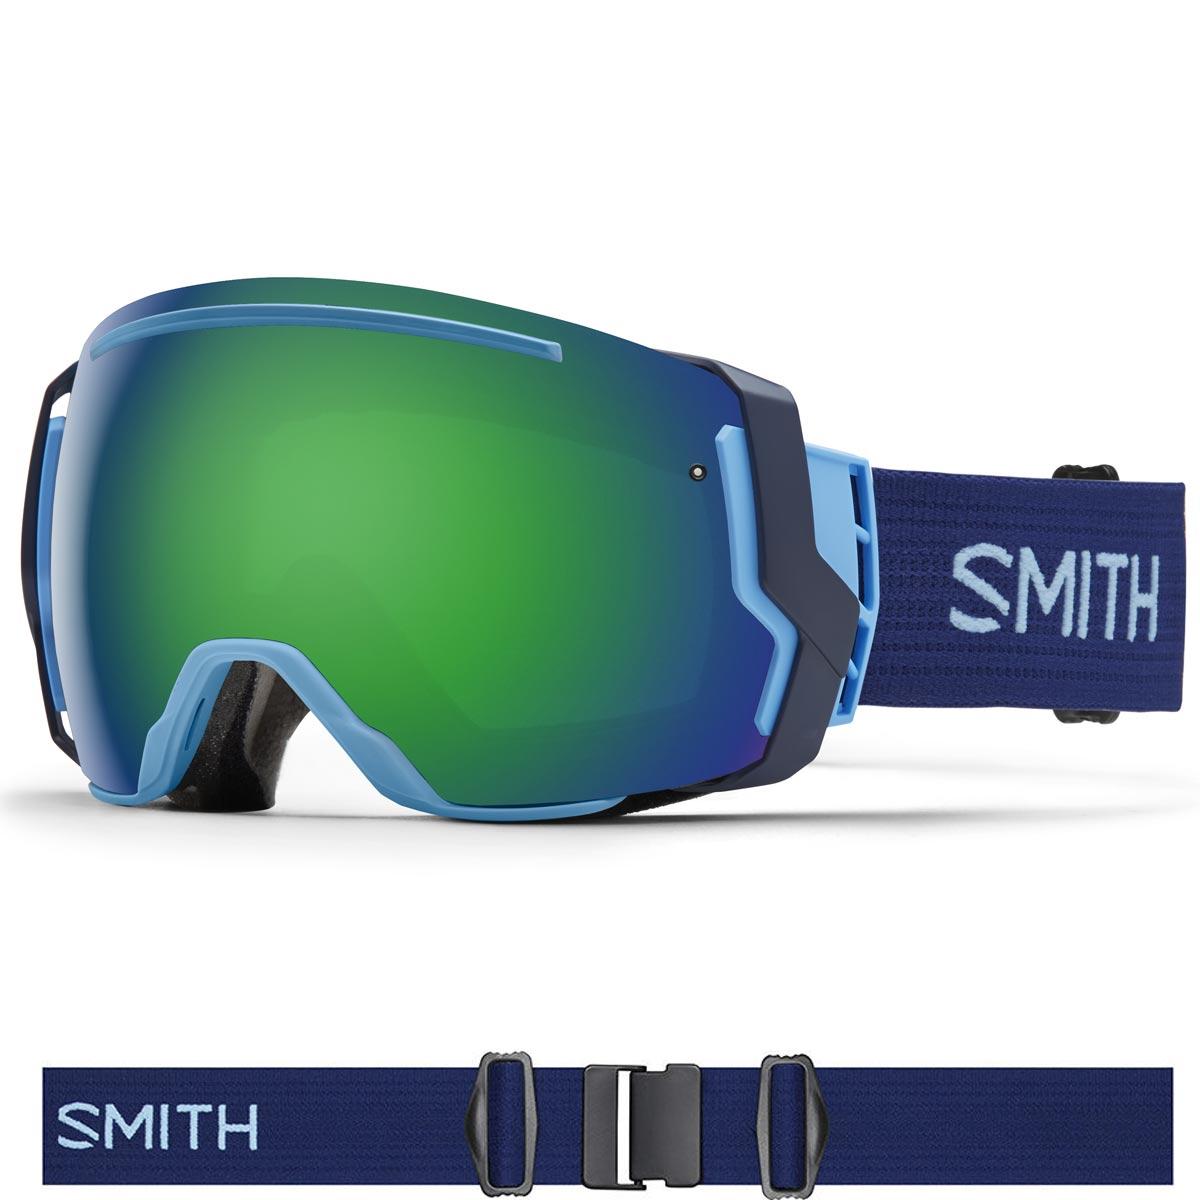 Ski Goggles For Sale 03ew